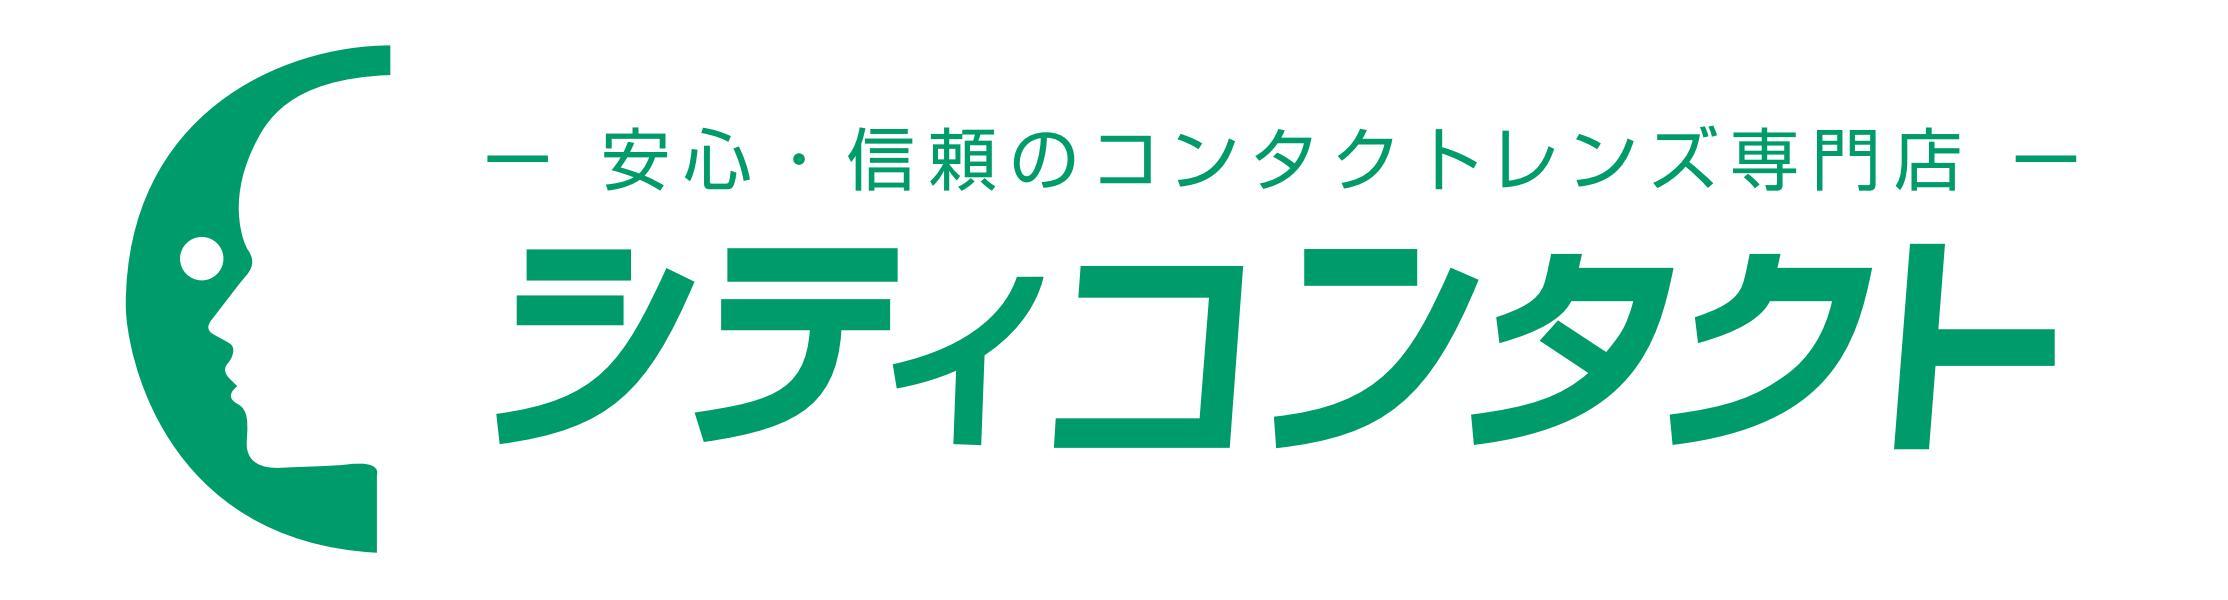 シティコン.jpg